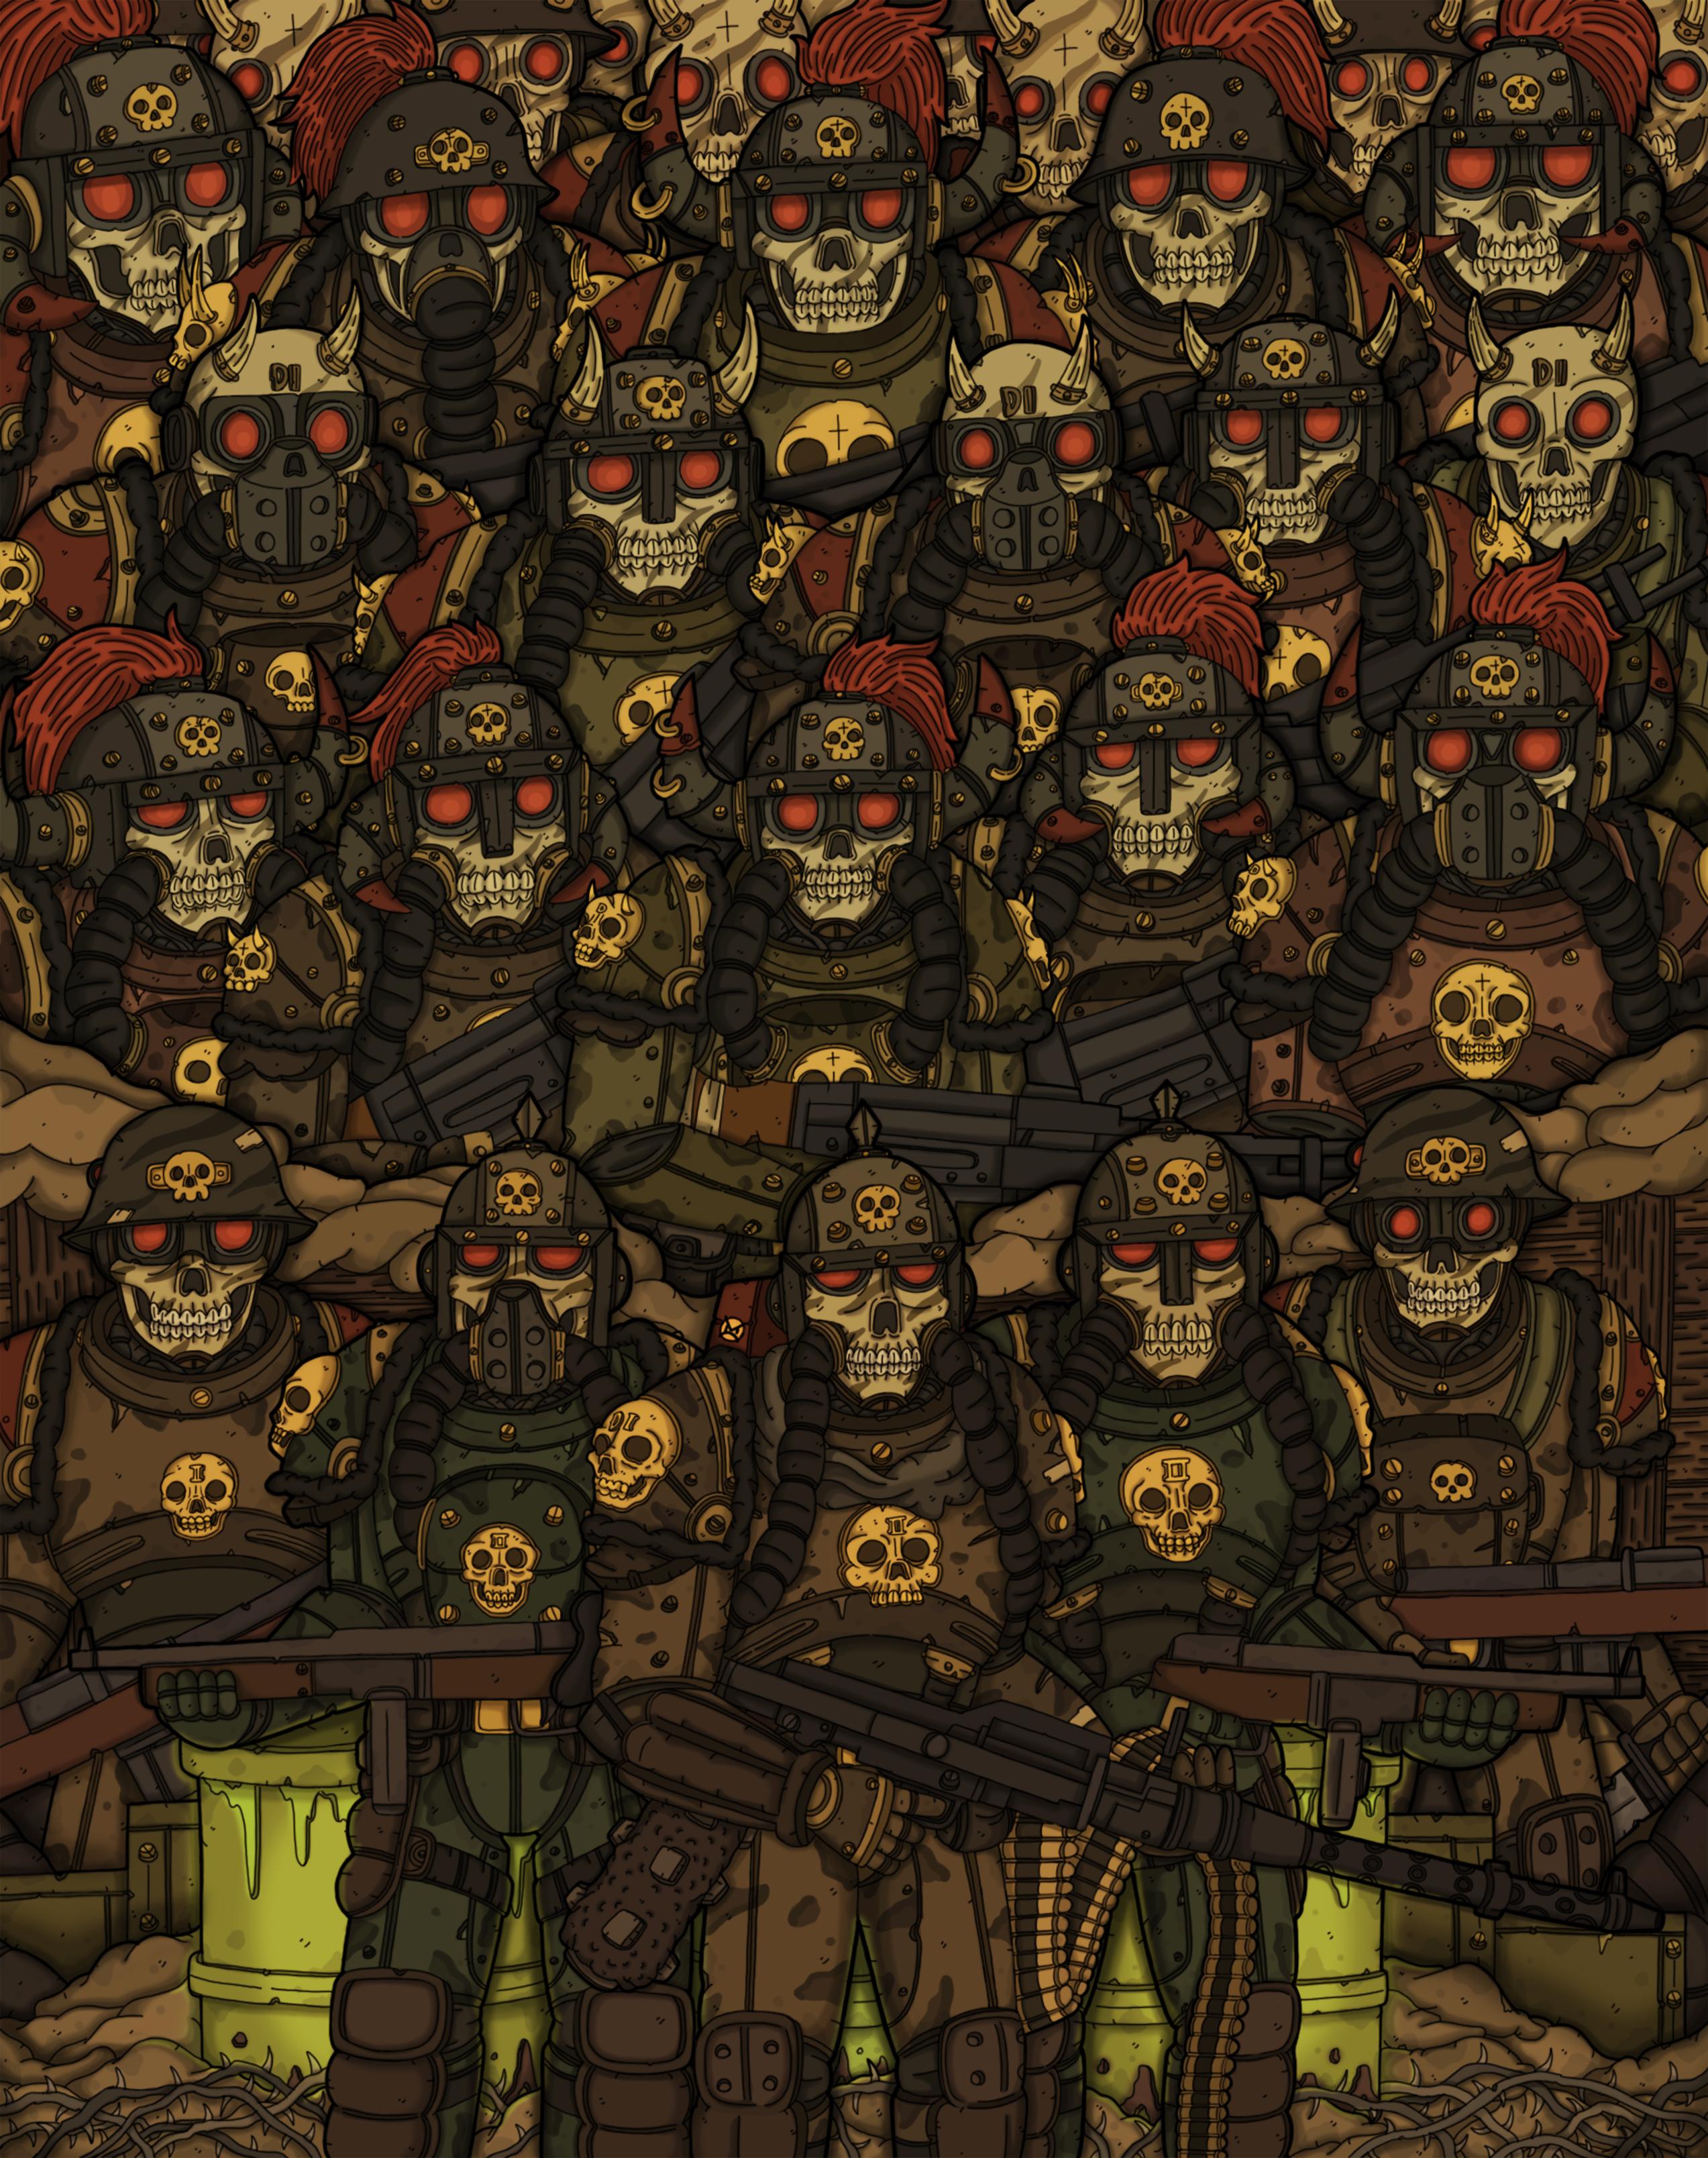 DeathInk: Deco of War